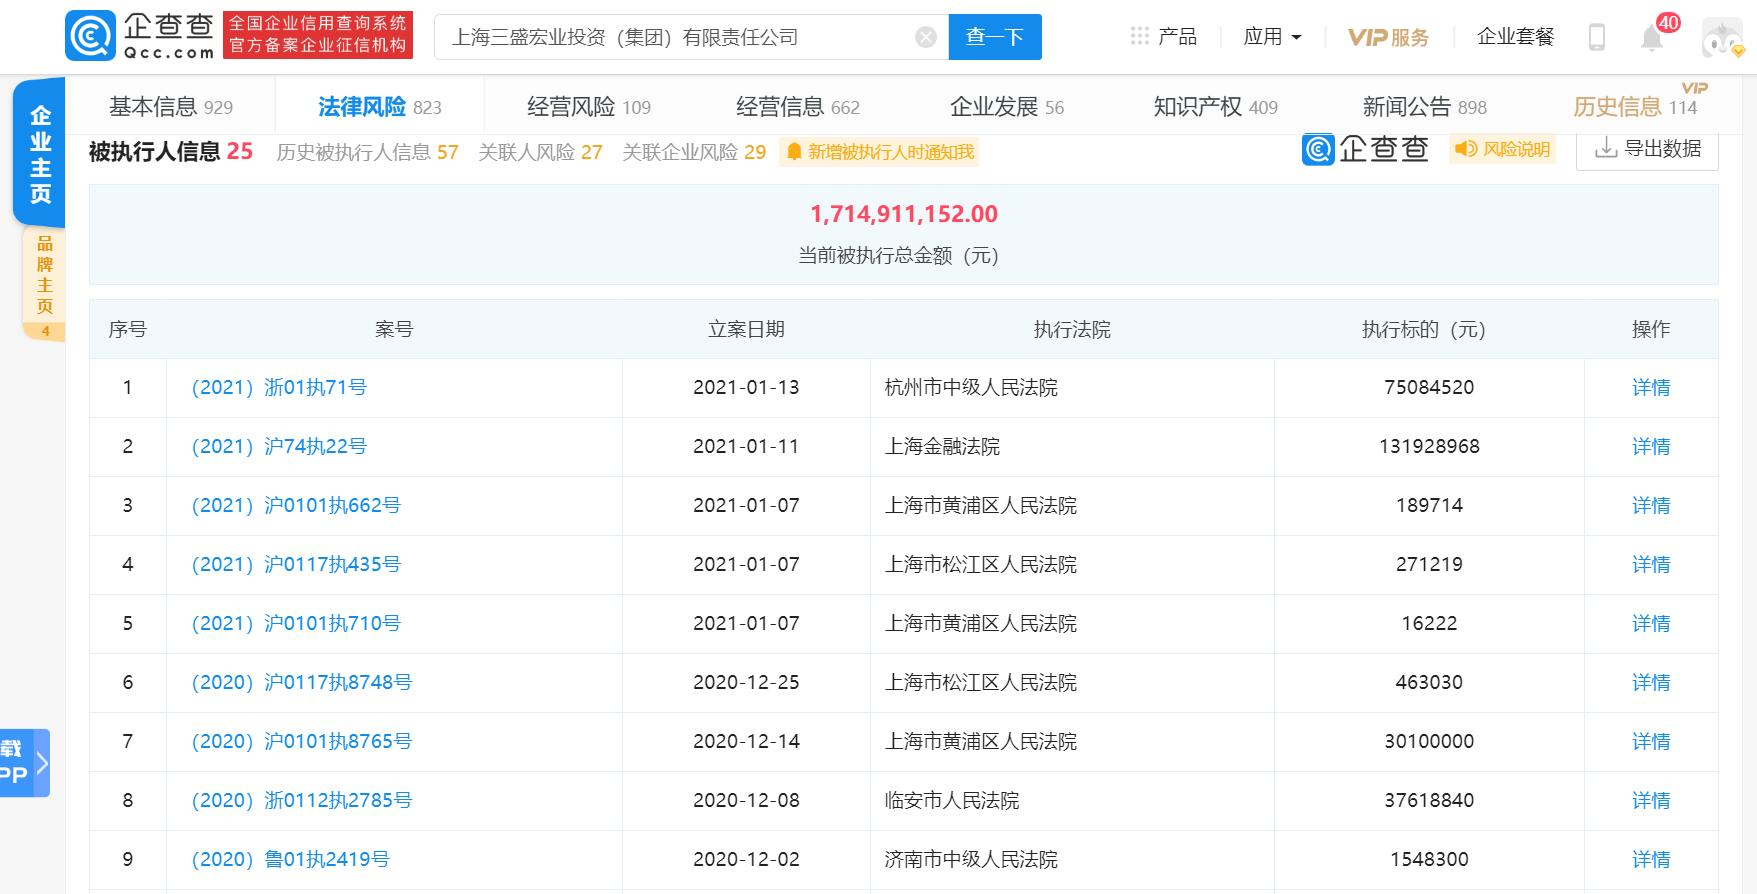 三盛宏业新增被执行人信息,被执行总标的近17.15亿元